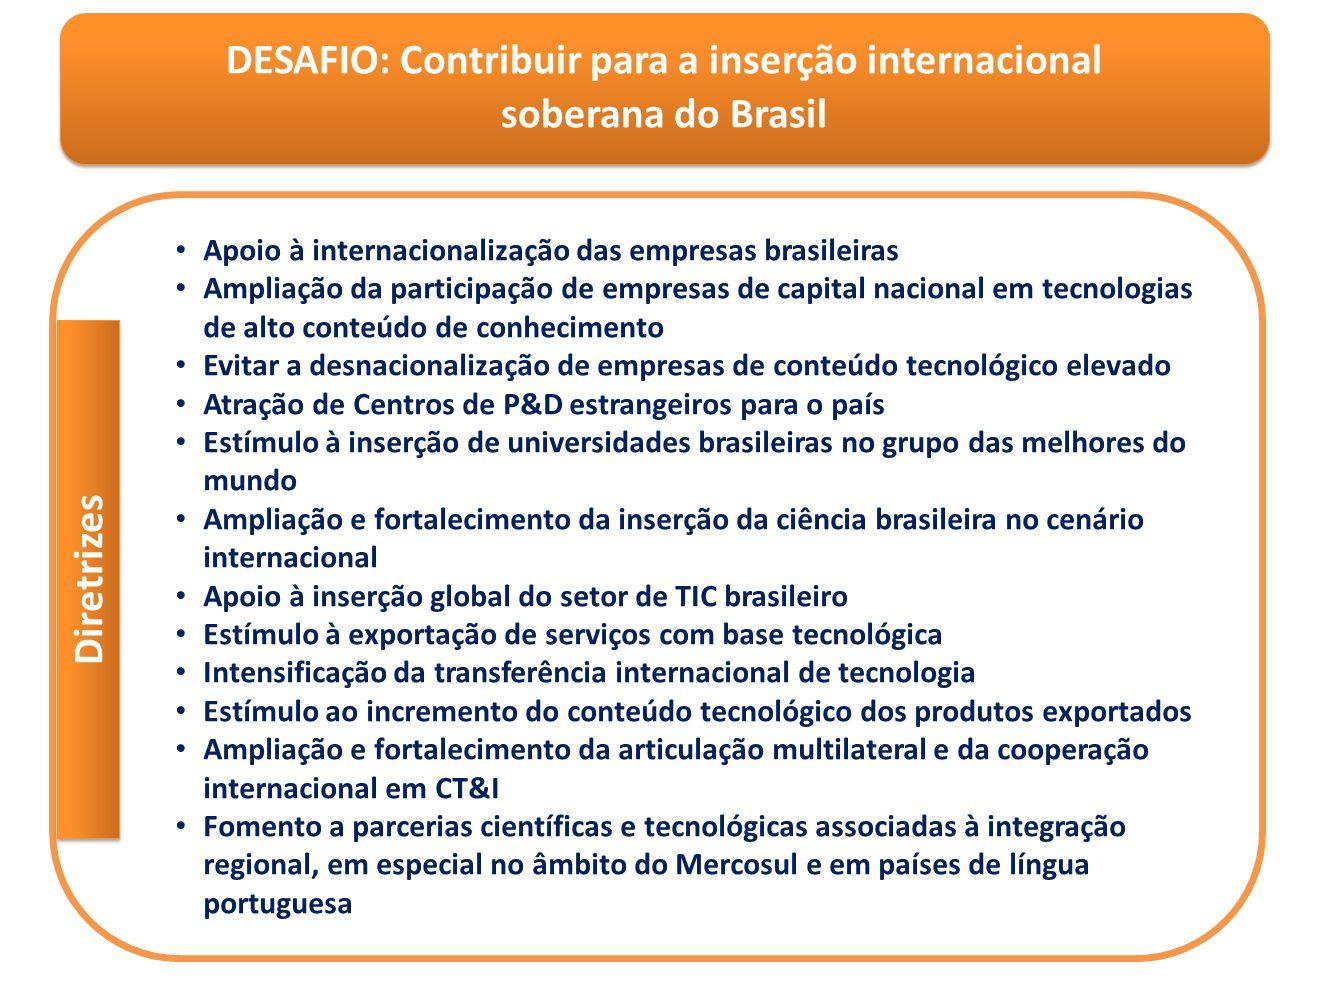 DESAFIO: Contribuir para a inserção internacional soberana do Brasil DESAFIO: Contribuir para a inserção internacional soberana do Brasil Apoio à inte